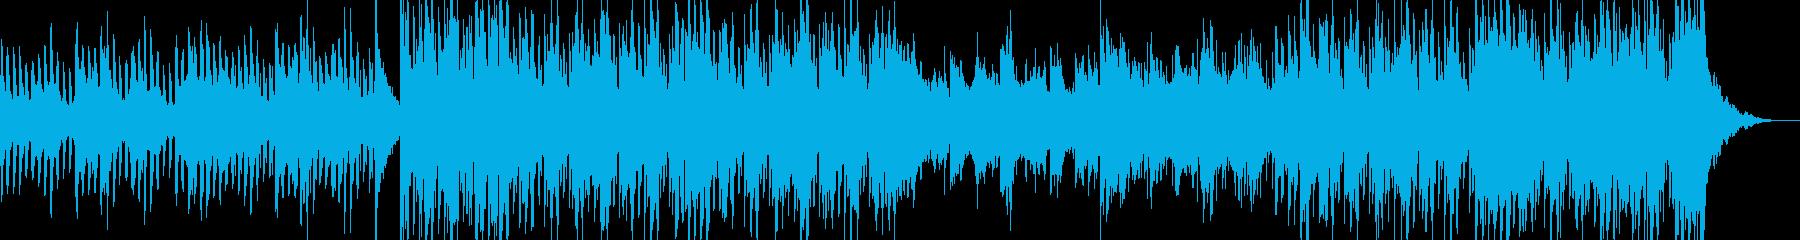 ピアノCM映像用の曲企業VP優しい爽やかの再生済みの波形